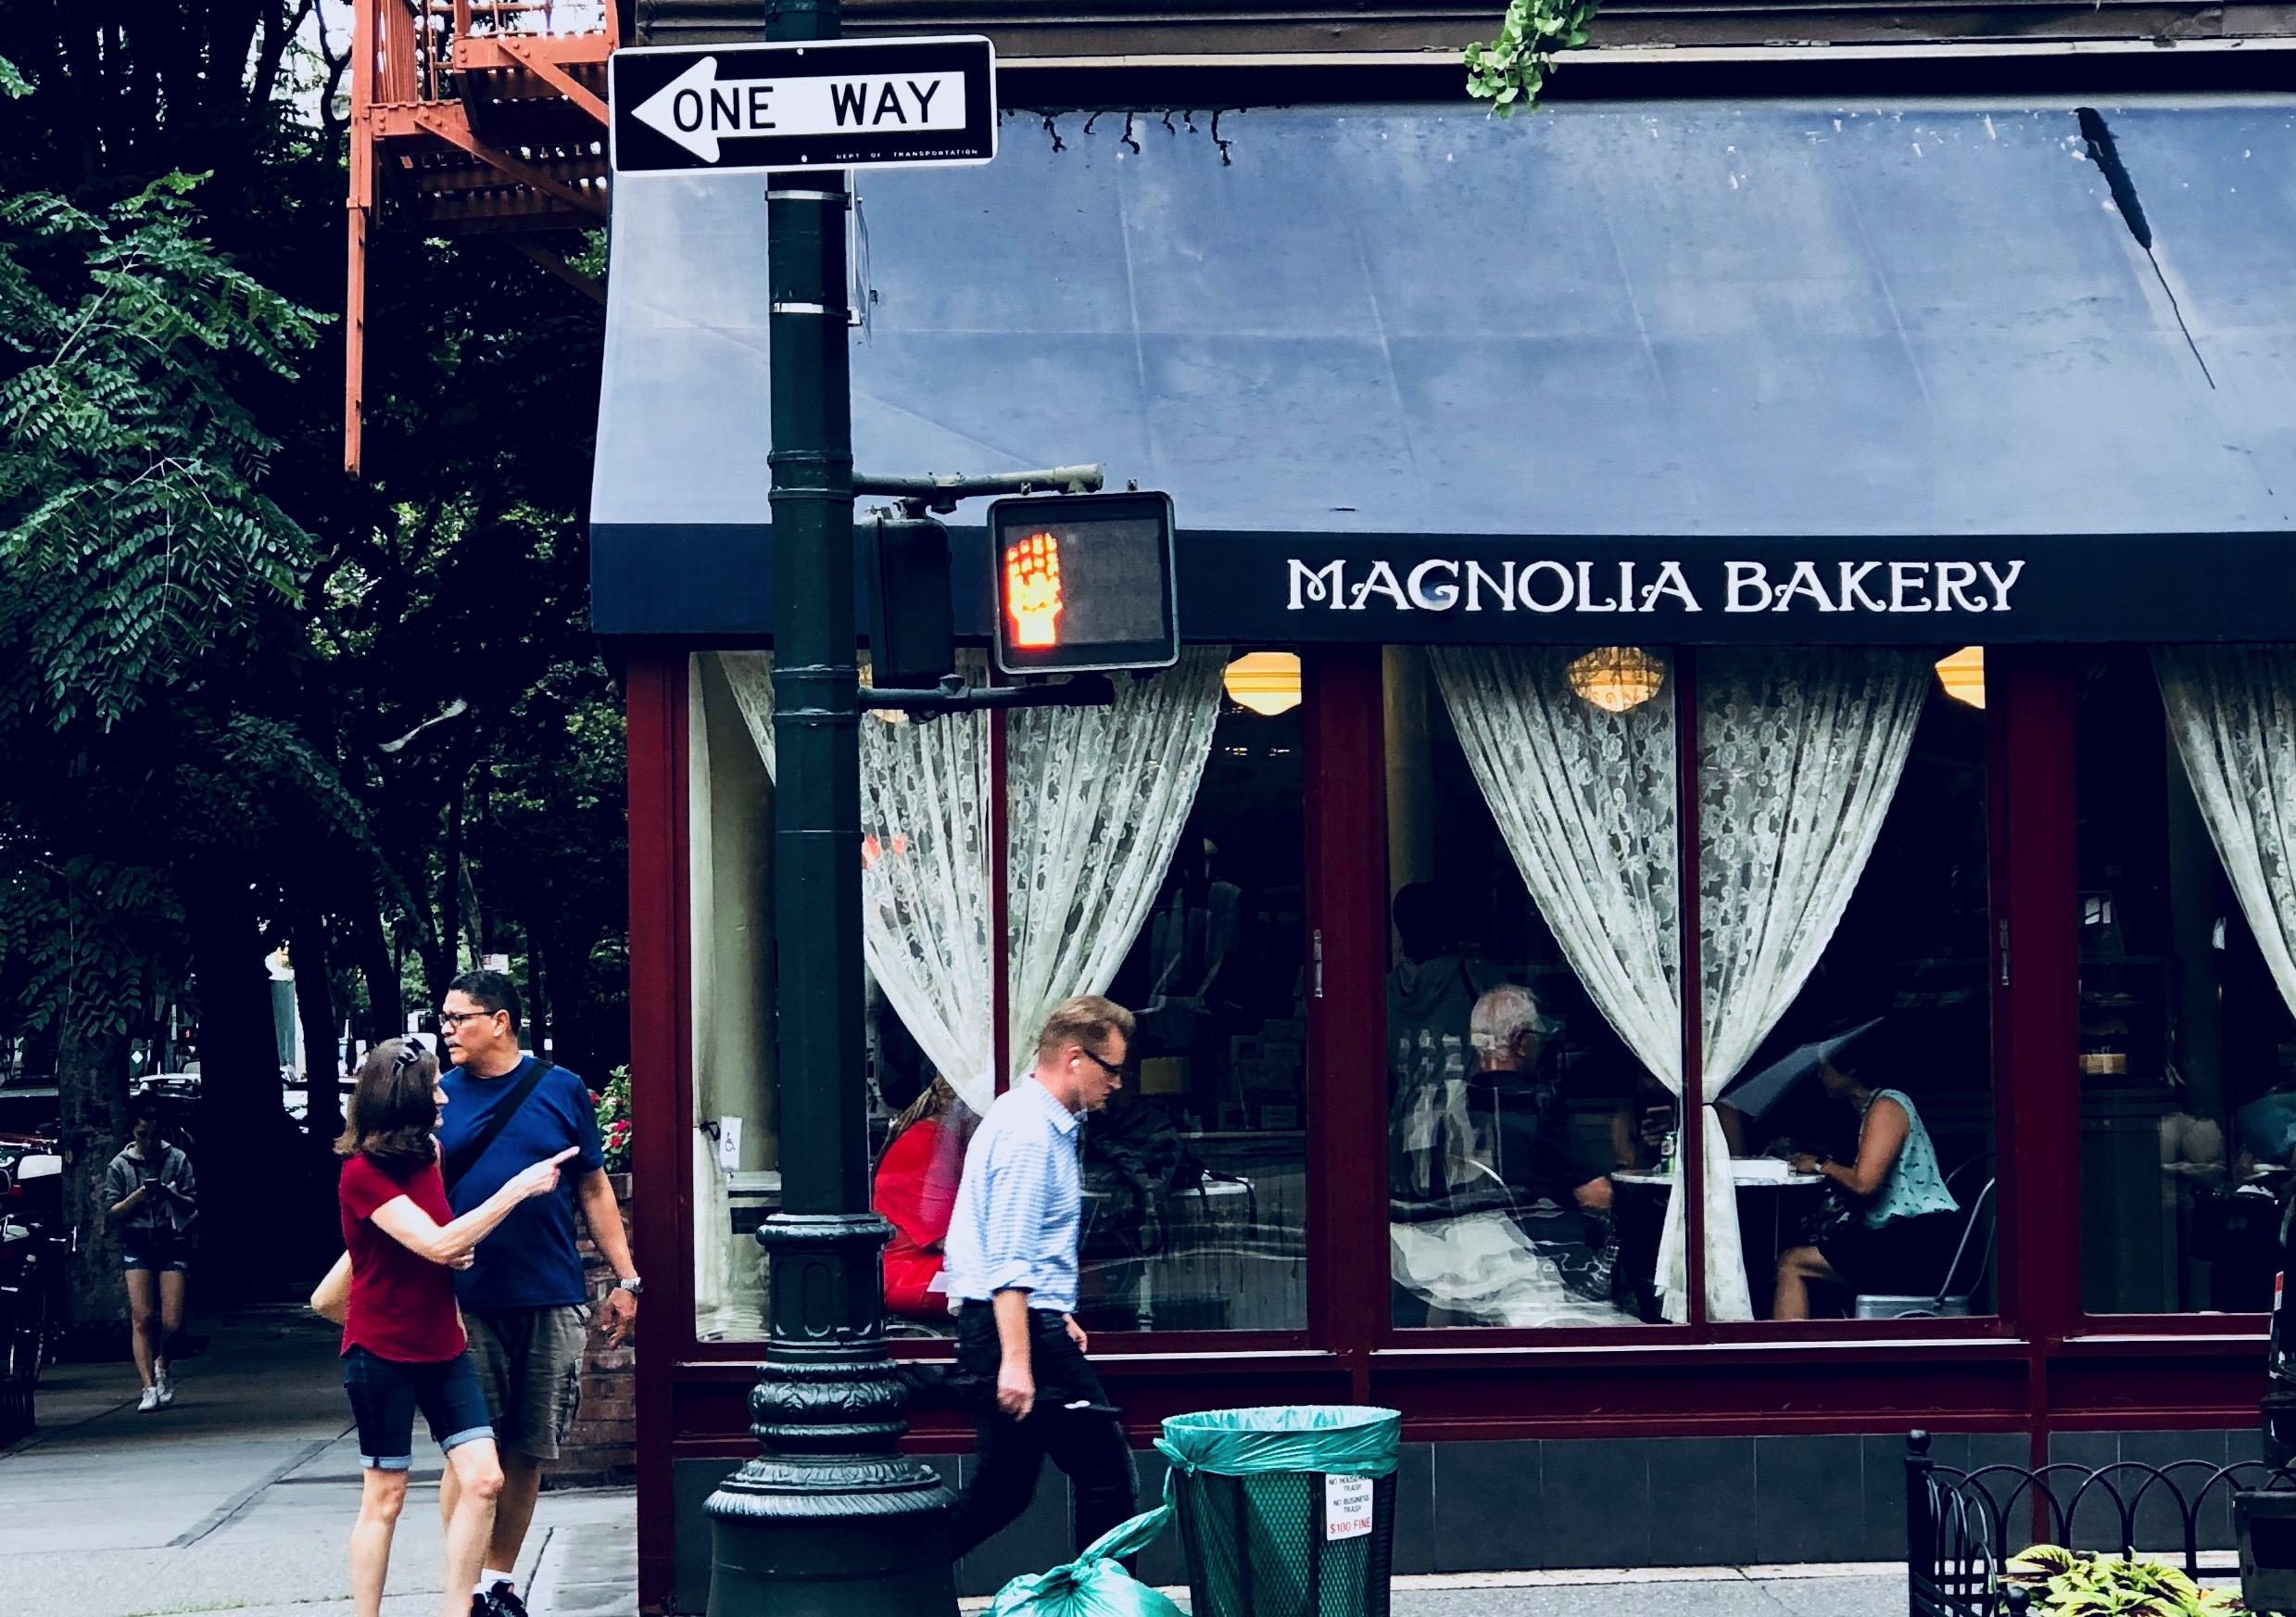 Image taken by Sara Kreski, Magnolia Bakery - 2018.